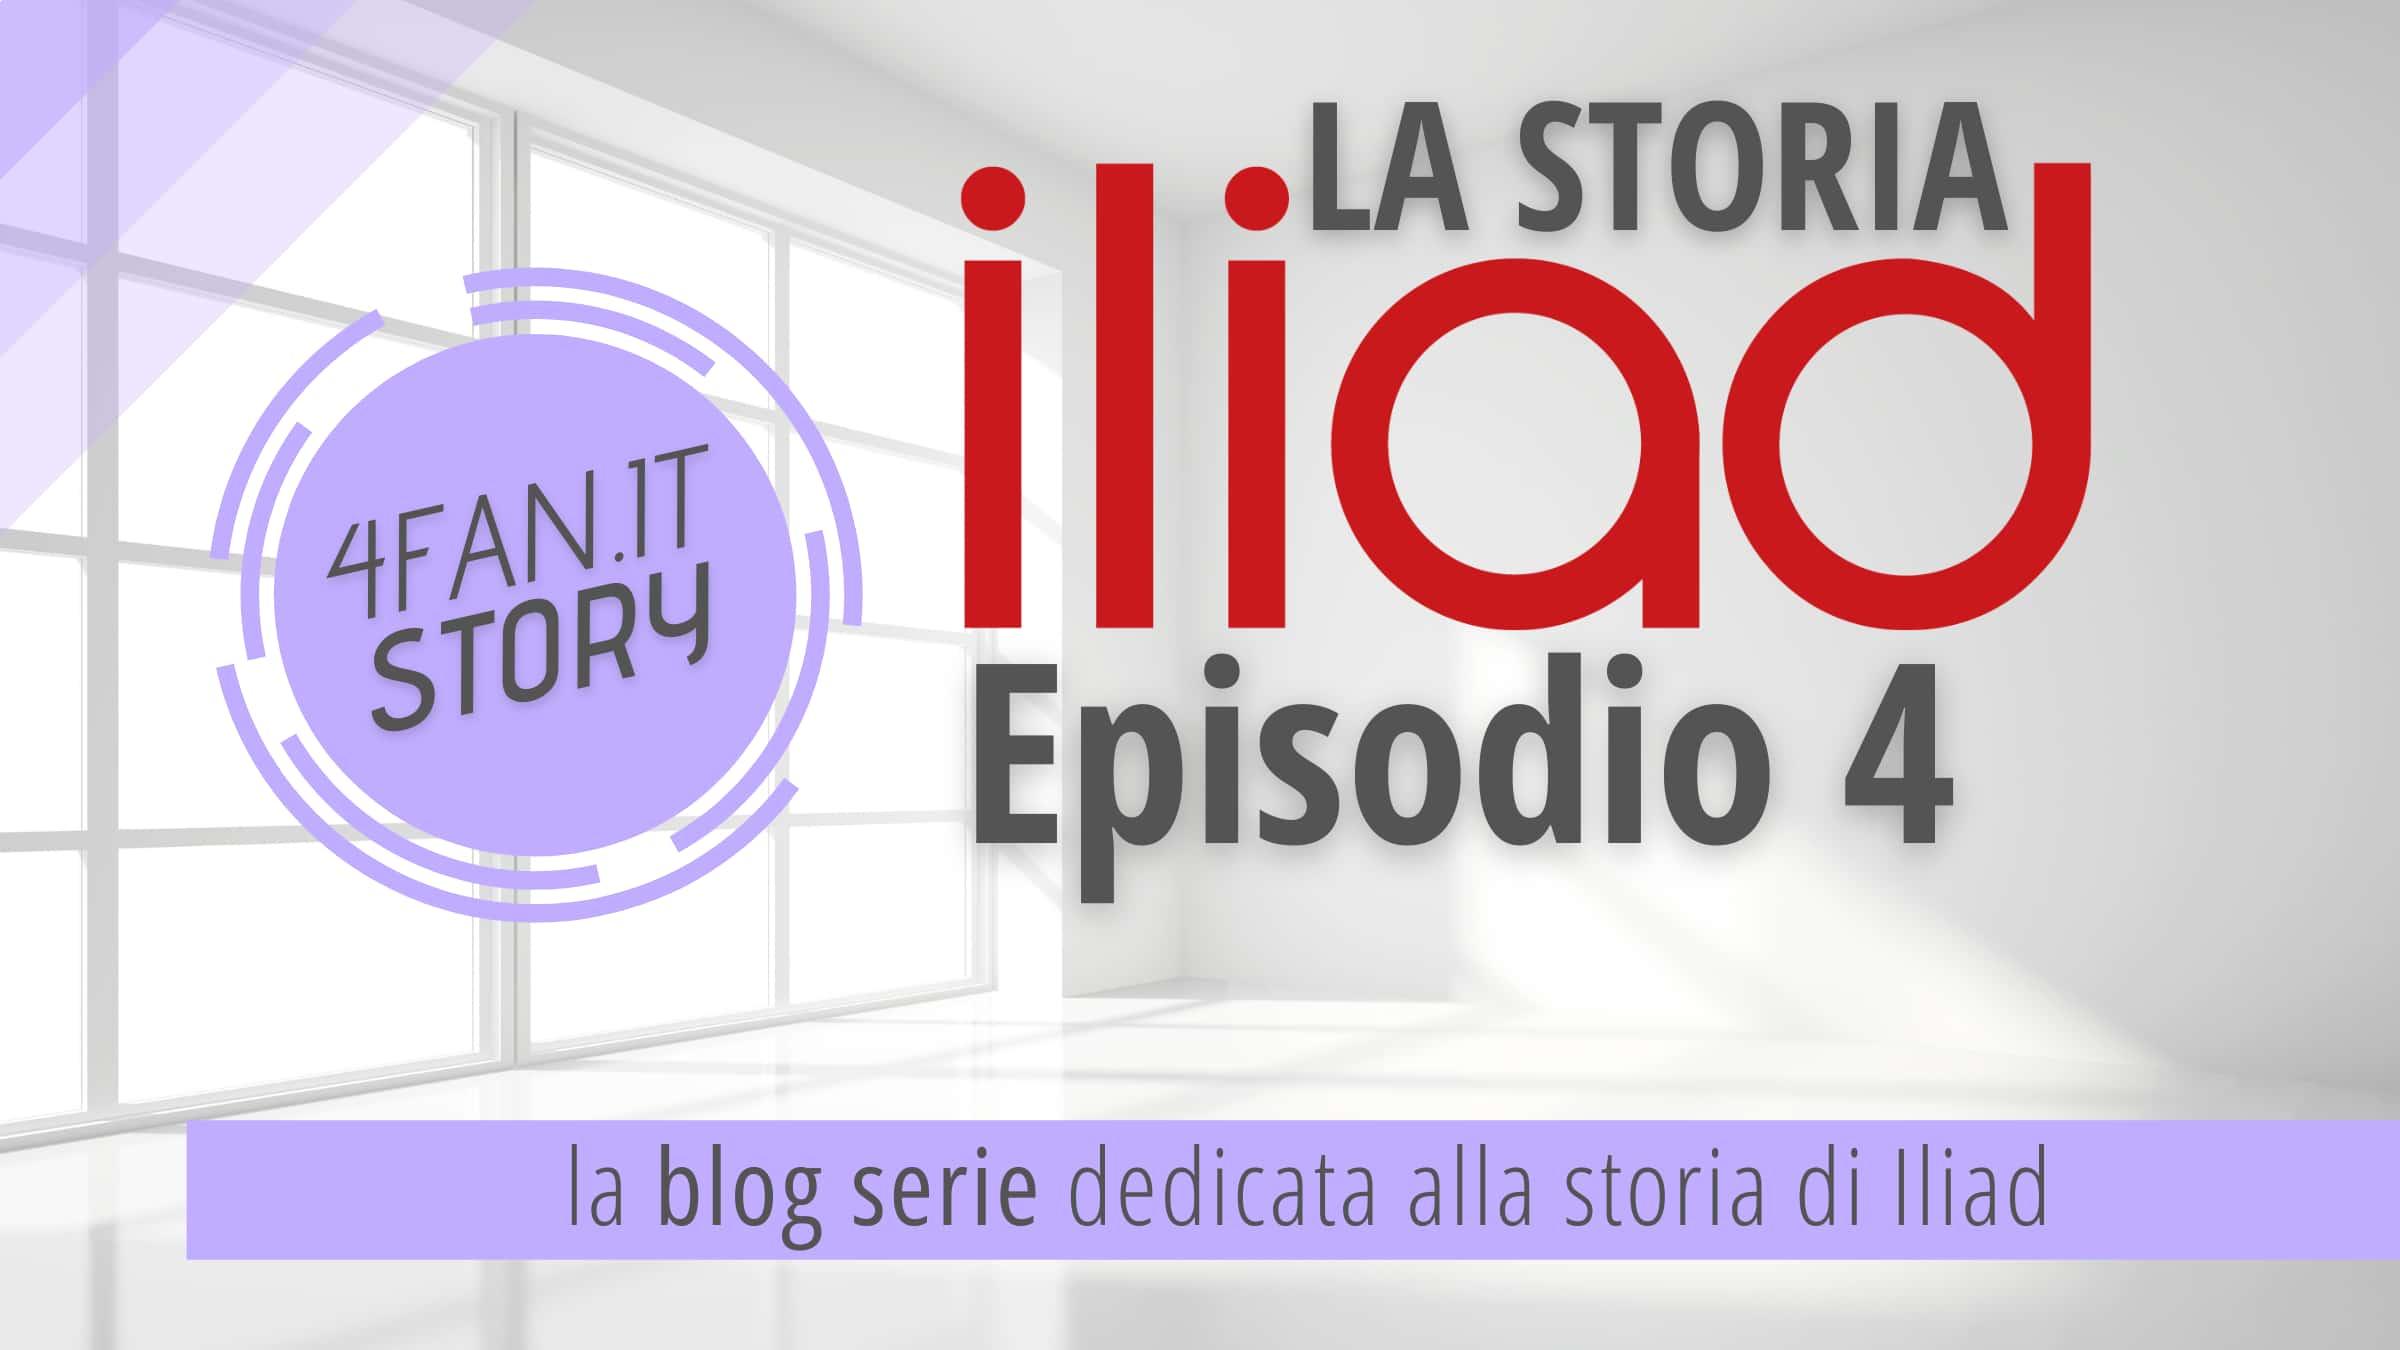 Storia di iliad, episodio 4